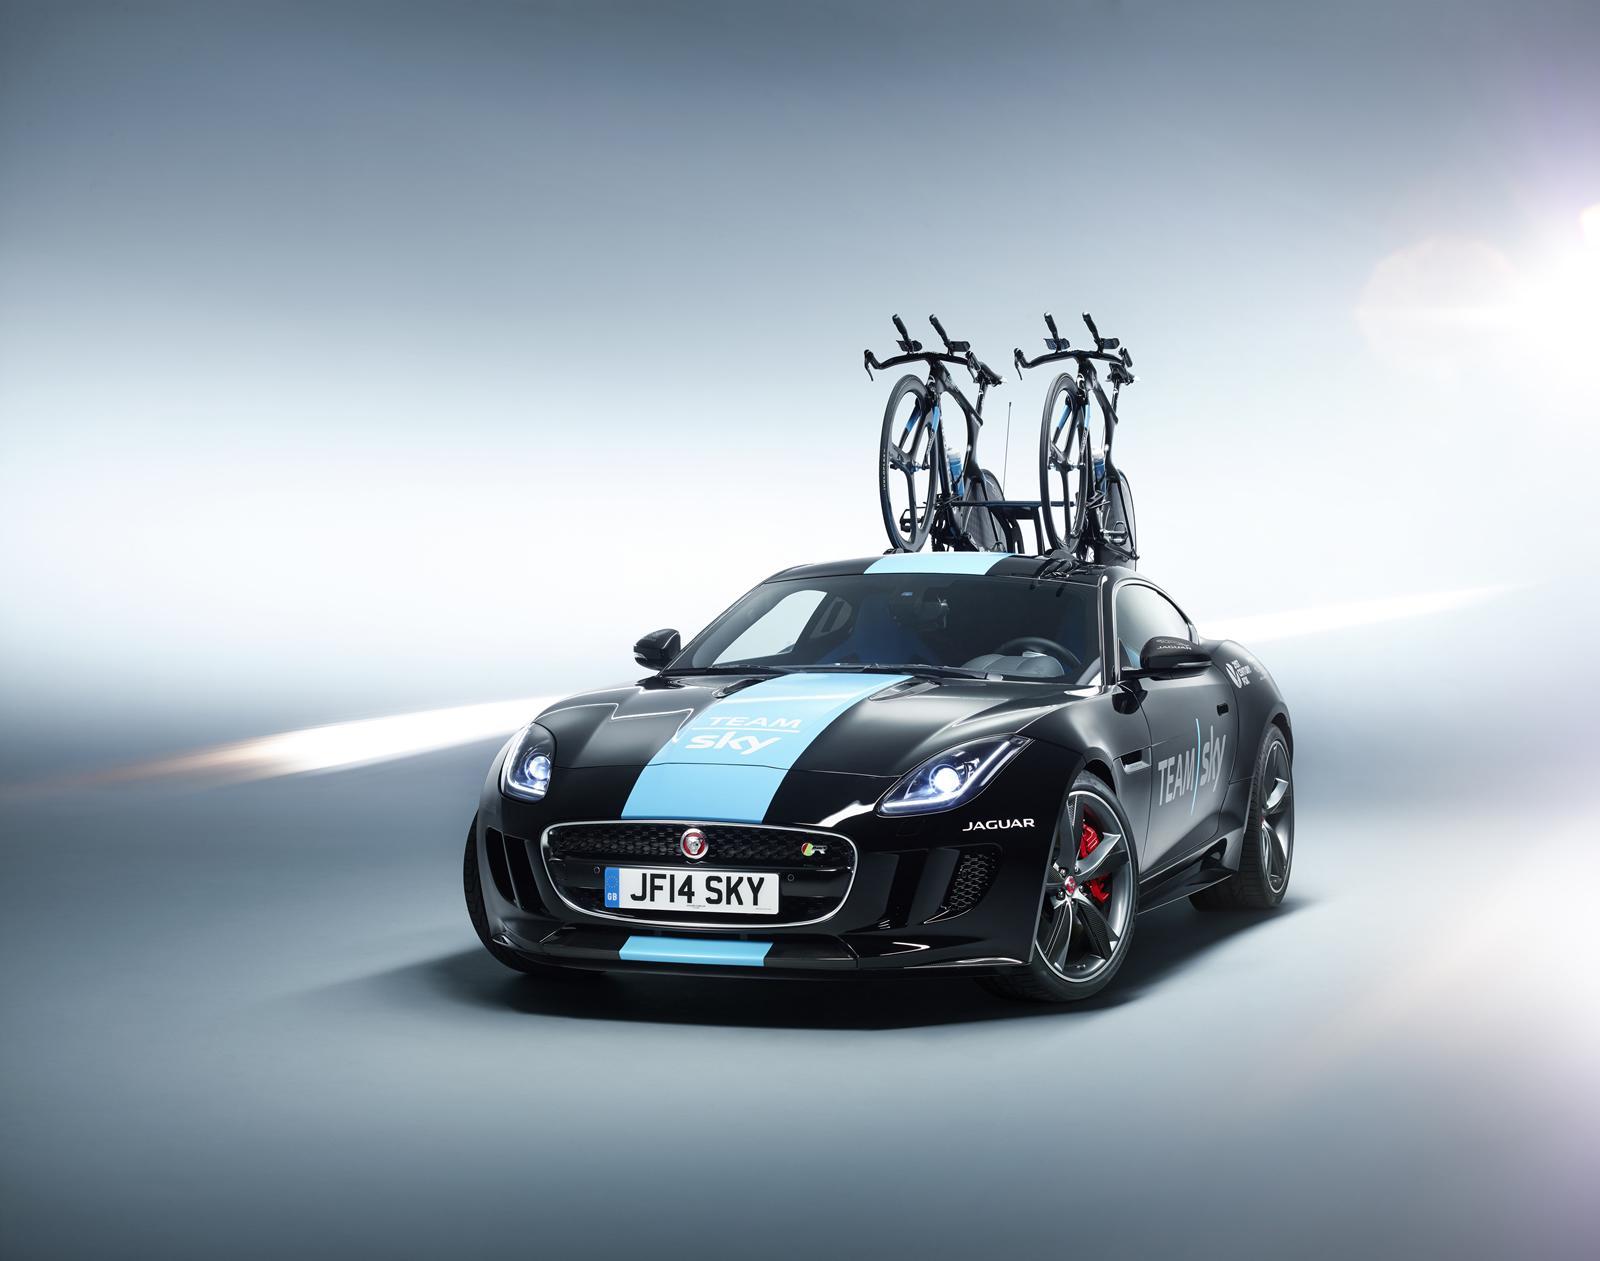 Jaguar F-Type Gets Carbon Fiber Bike Rack for Tour de France [Video] - autoevolution